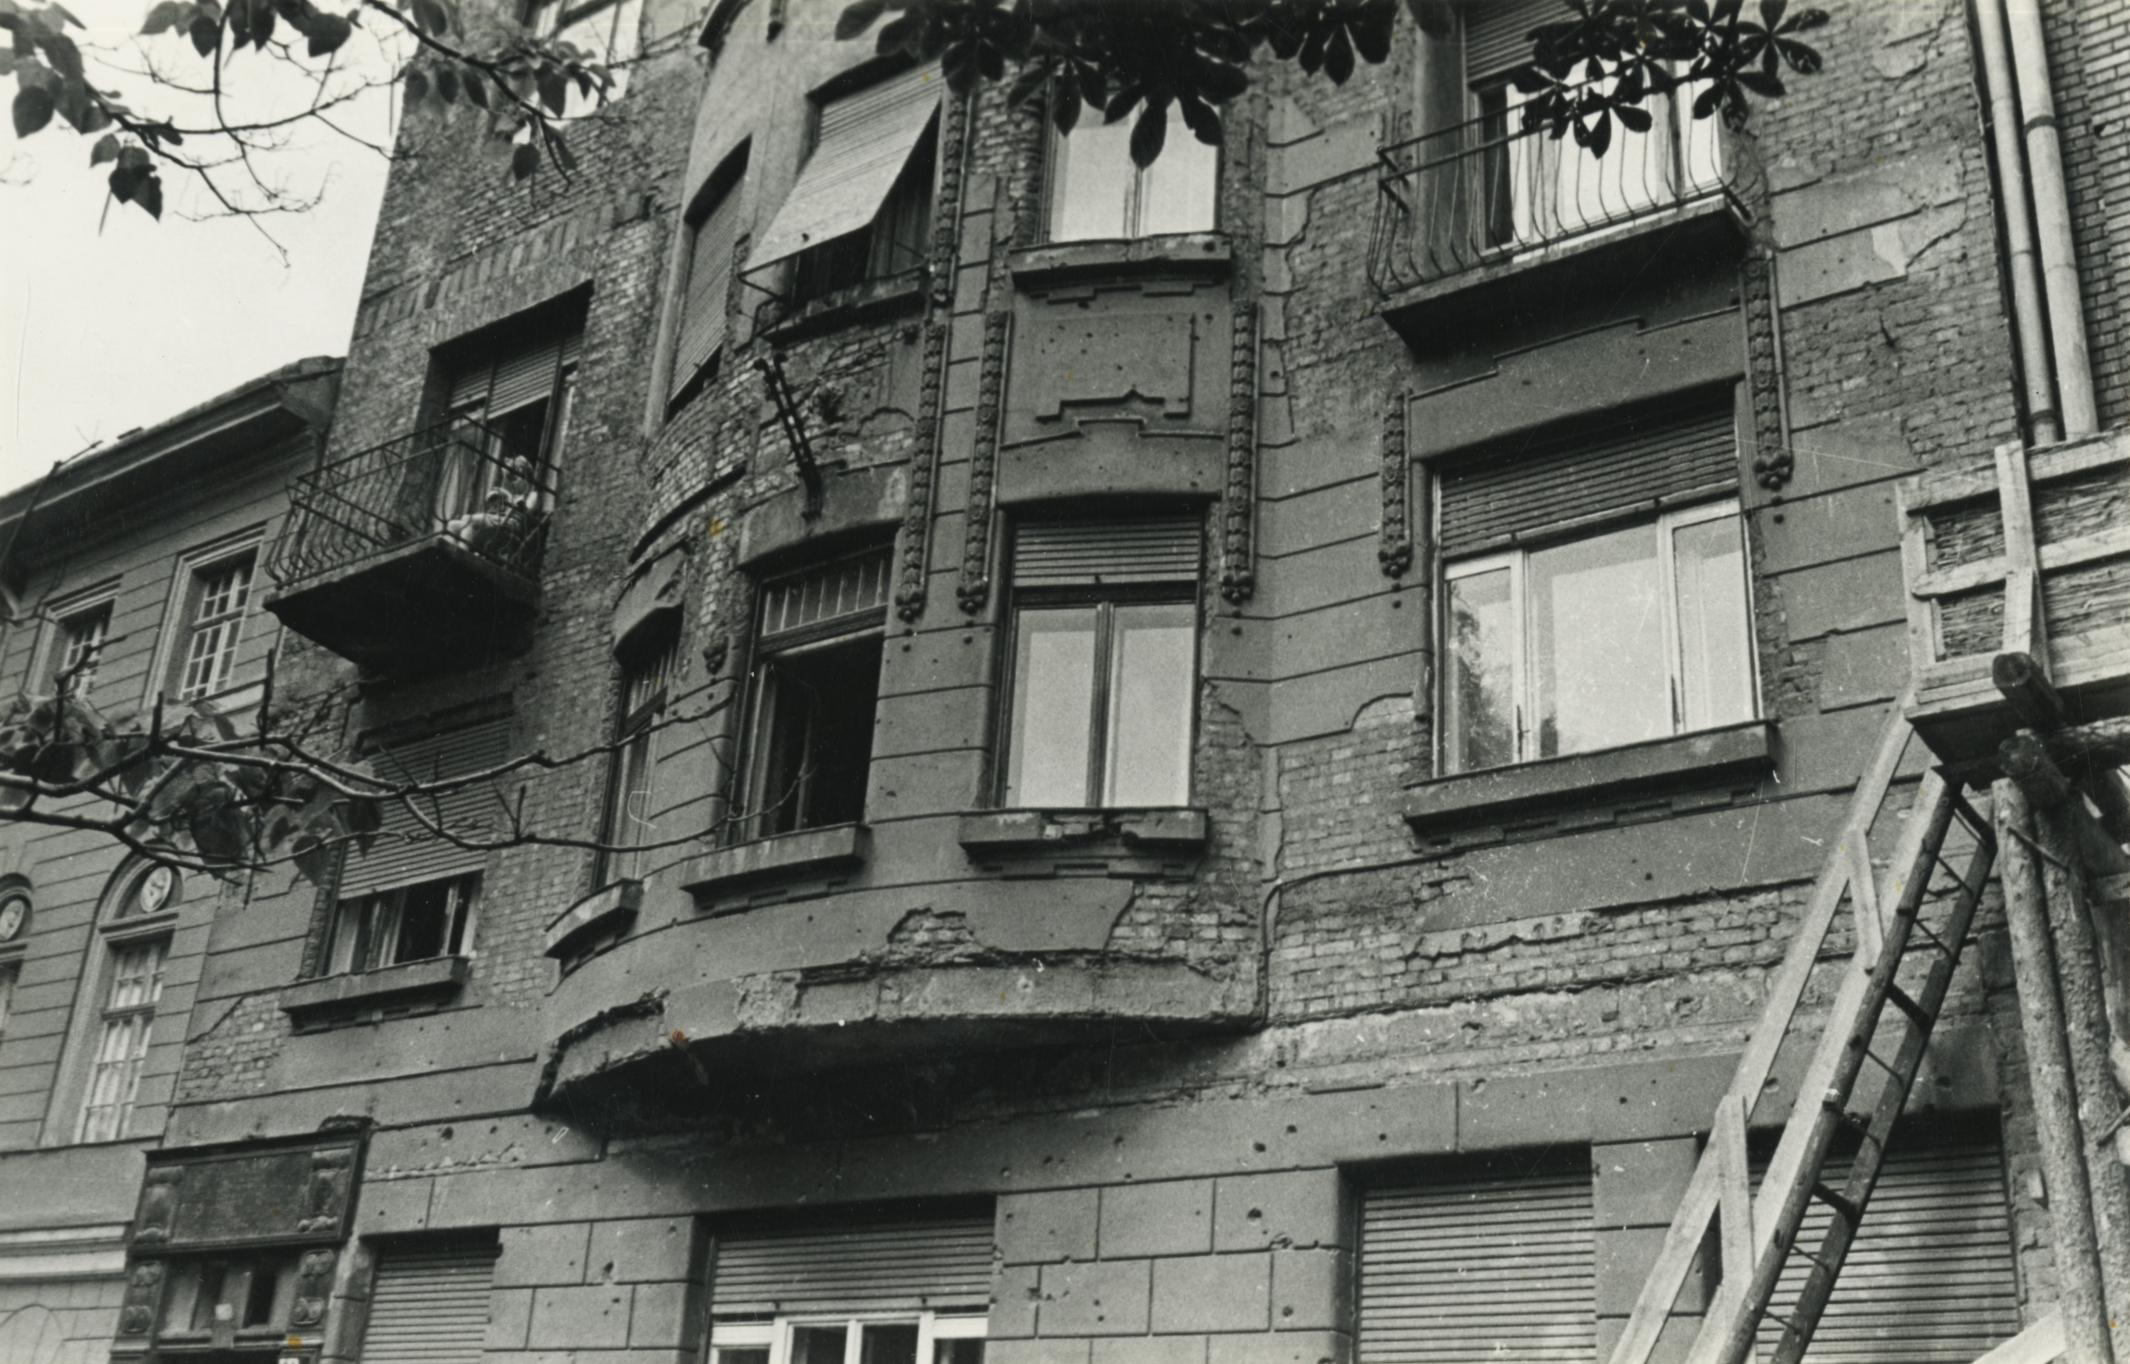 Budapest, Ferenczy István utca 14. számú épület állapotvizsgálata